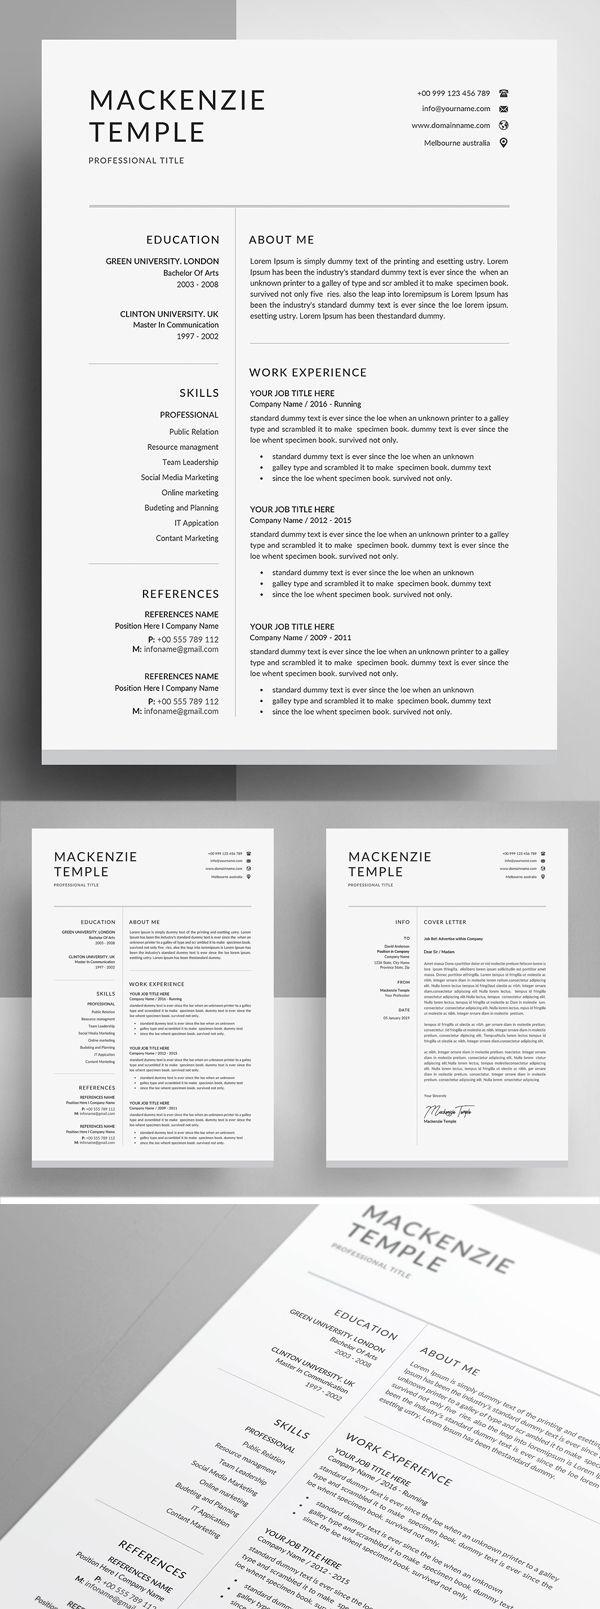 Resume Template CV + Cover Letter Resume design free